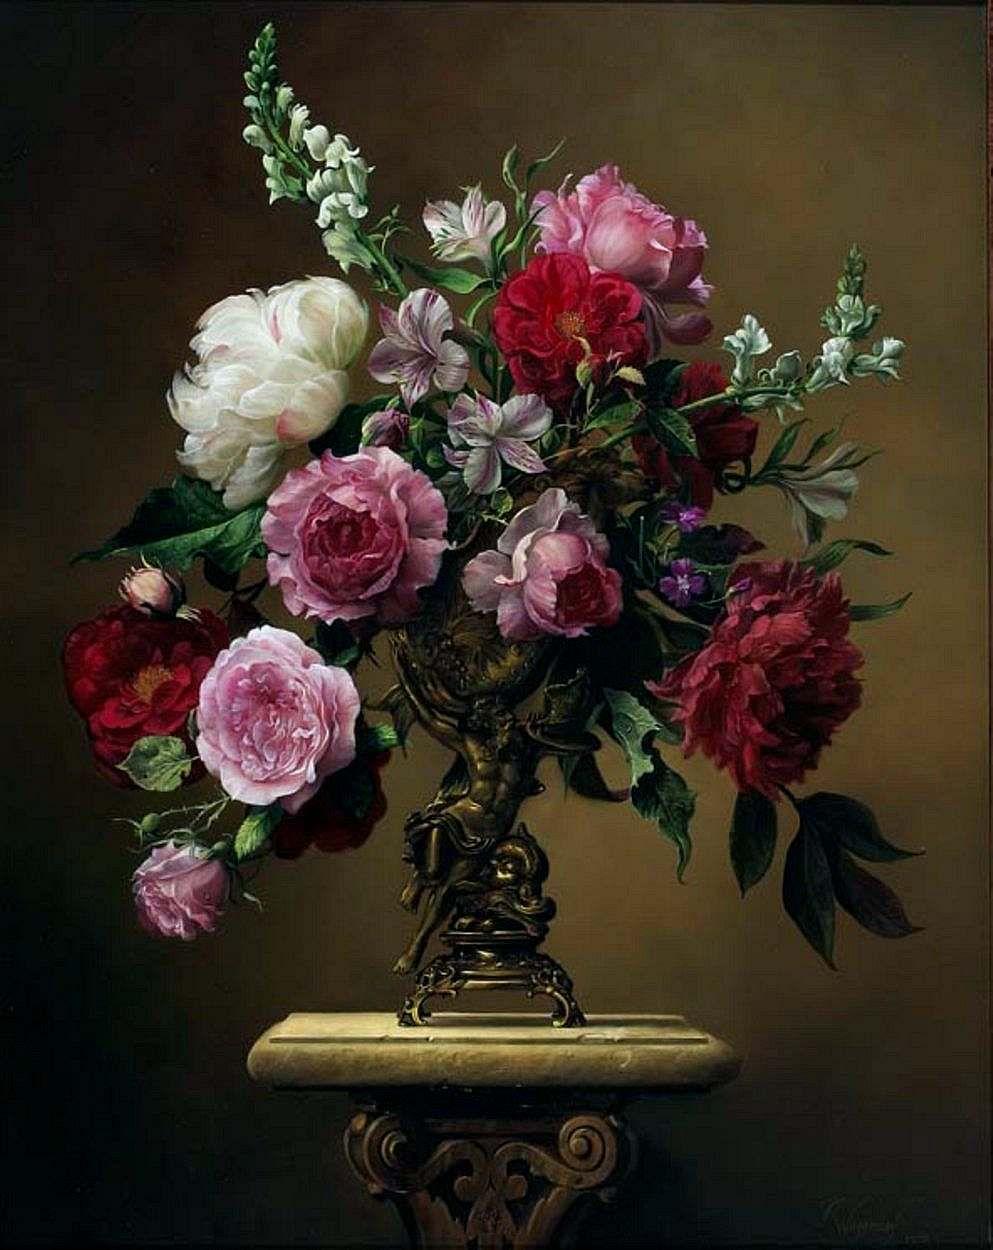 Художественные картинки цветов, для открытки днем